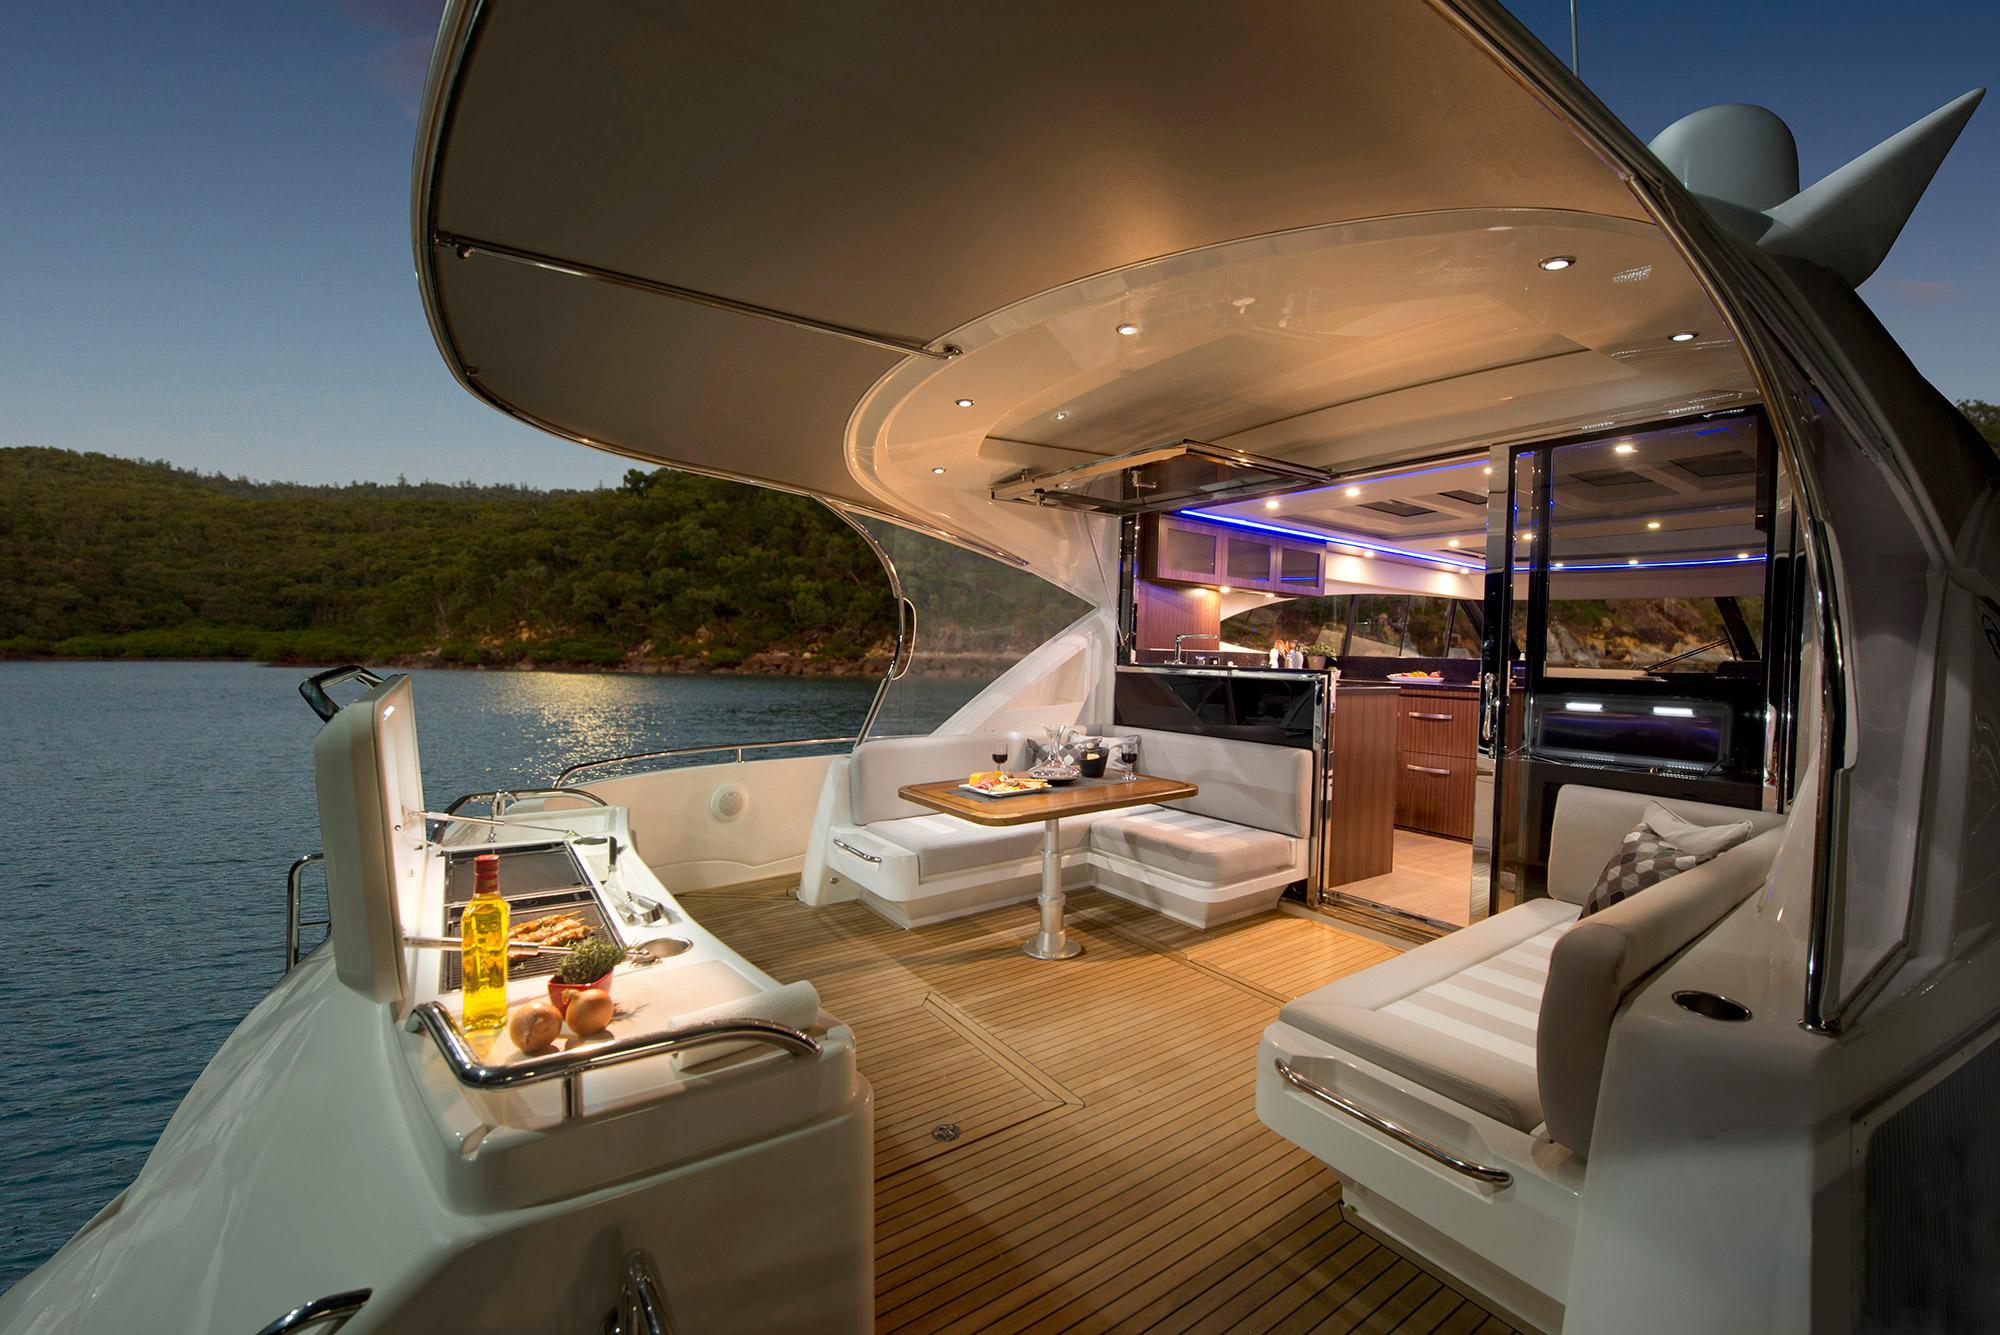 Luxusyachten innen  Yachten Von Innen | loopele.com